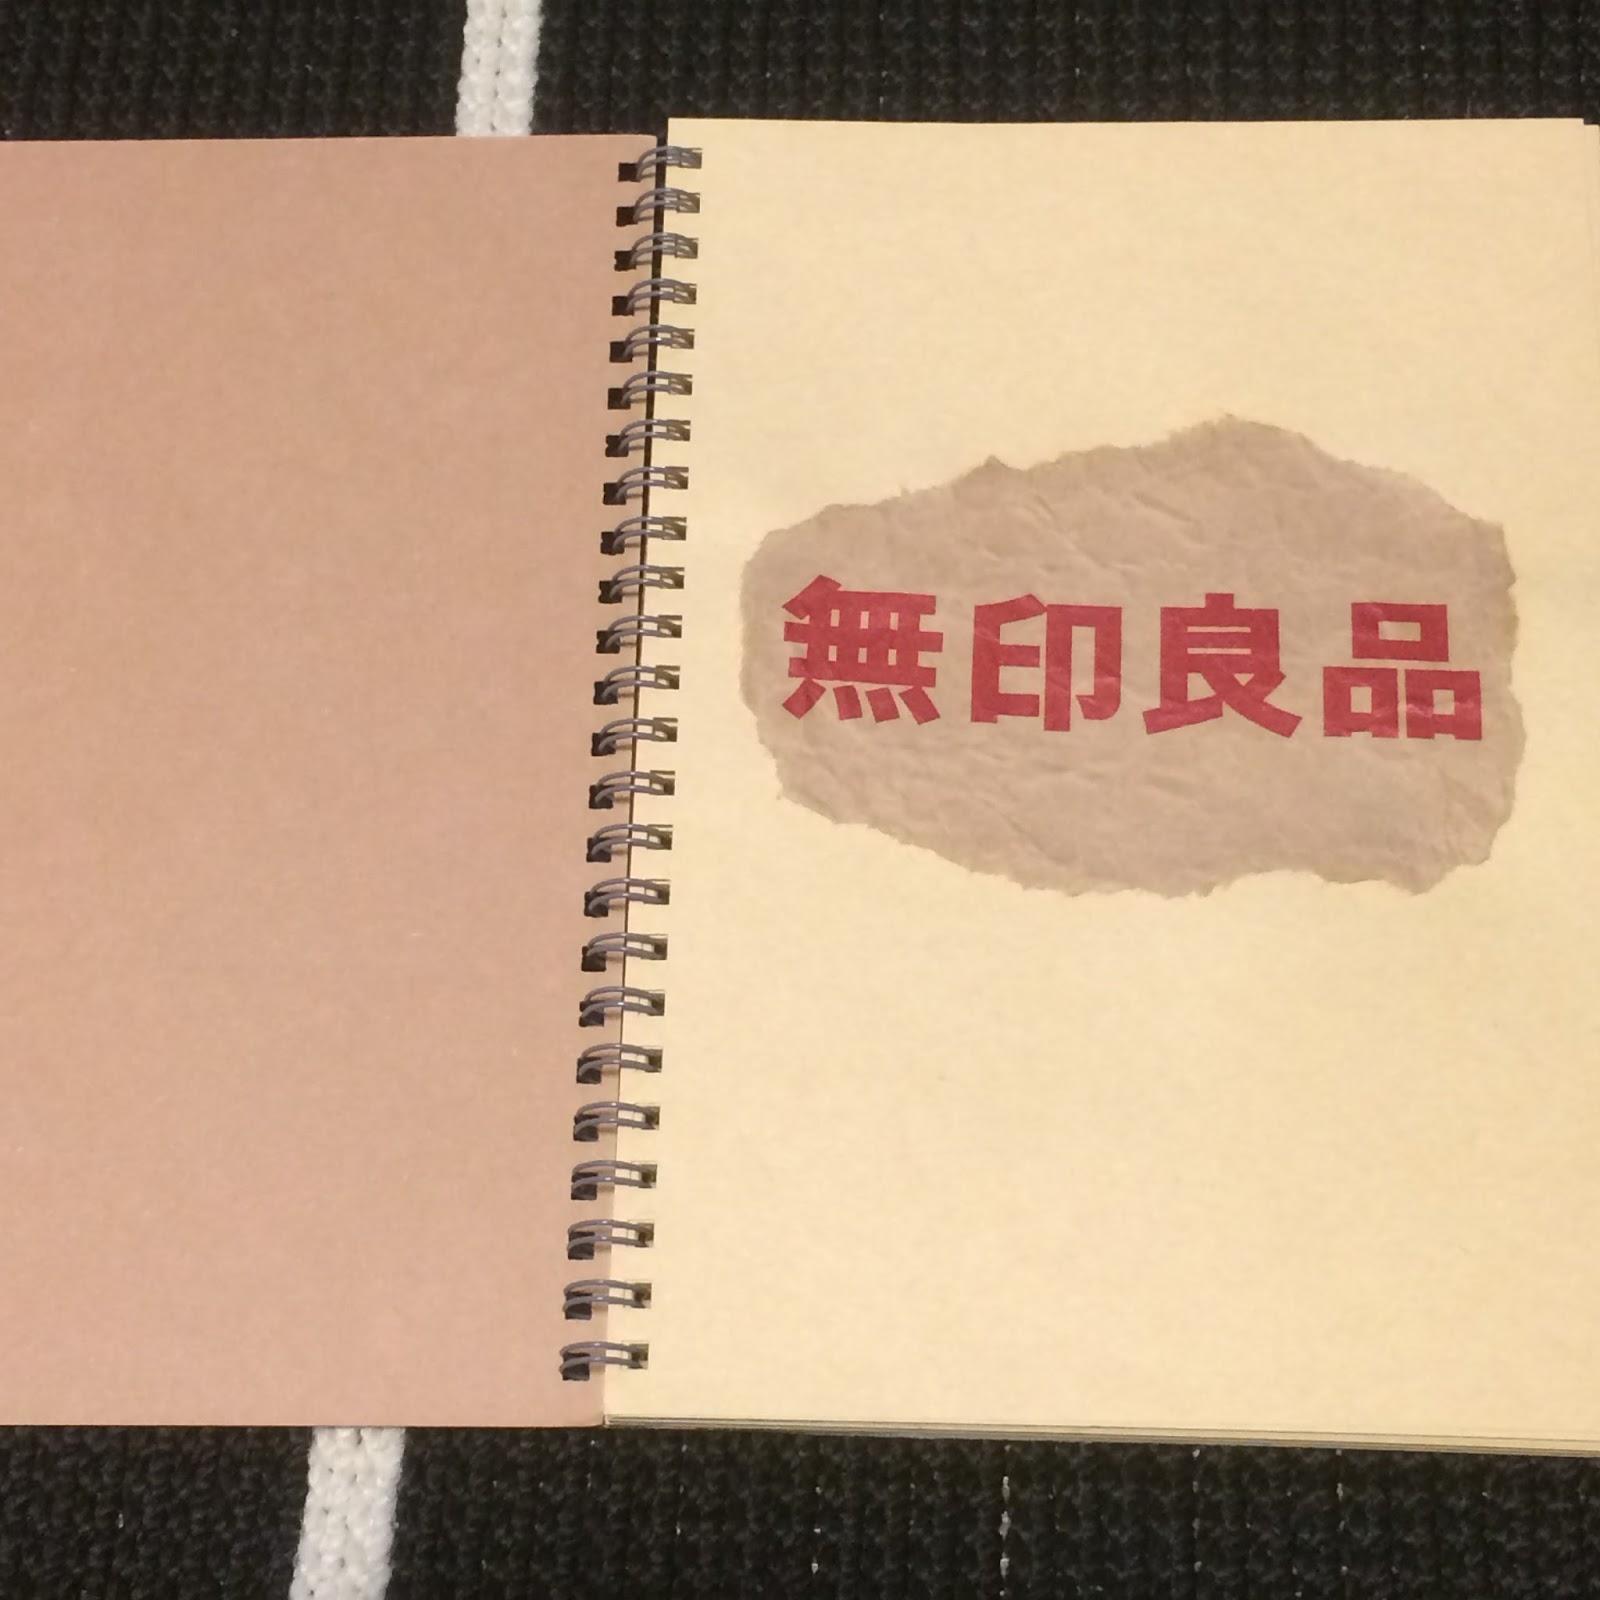 クラフトデスクノート・マンスリー帳をアレンジ8